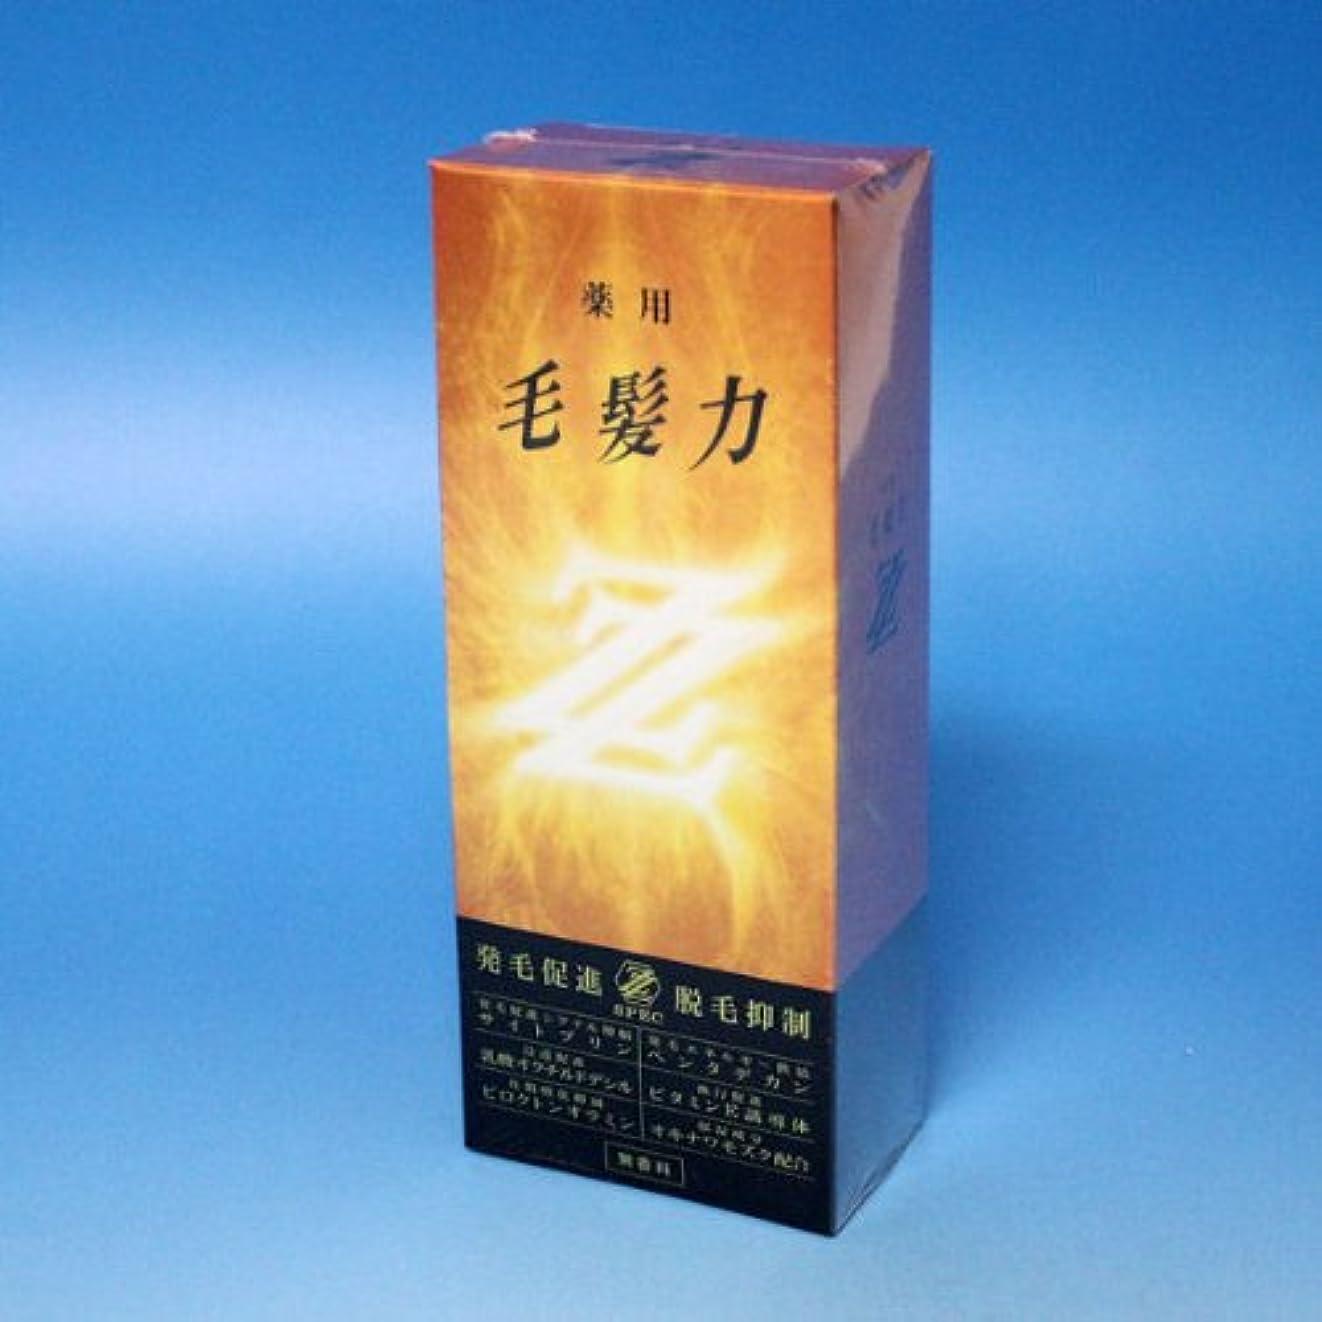 折るセンチメートル会員《ライオン》 薬用 毛髪力ZZ(ダブルジー) 200ml 【医薬部外品】